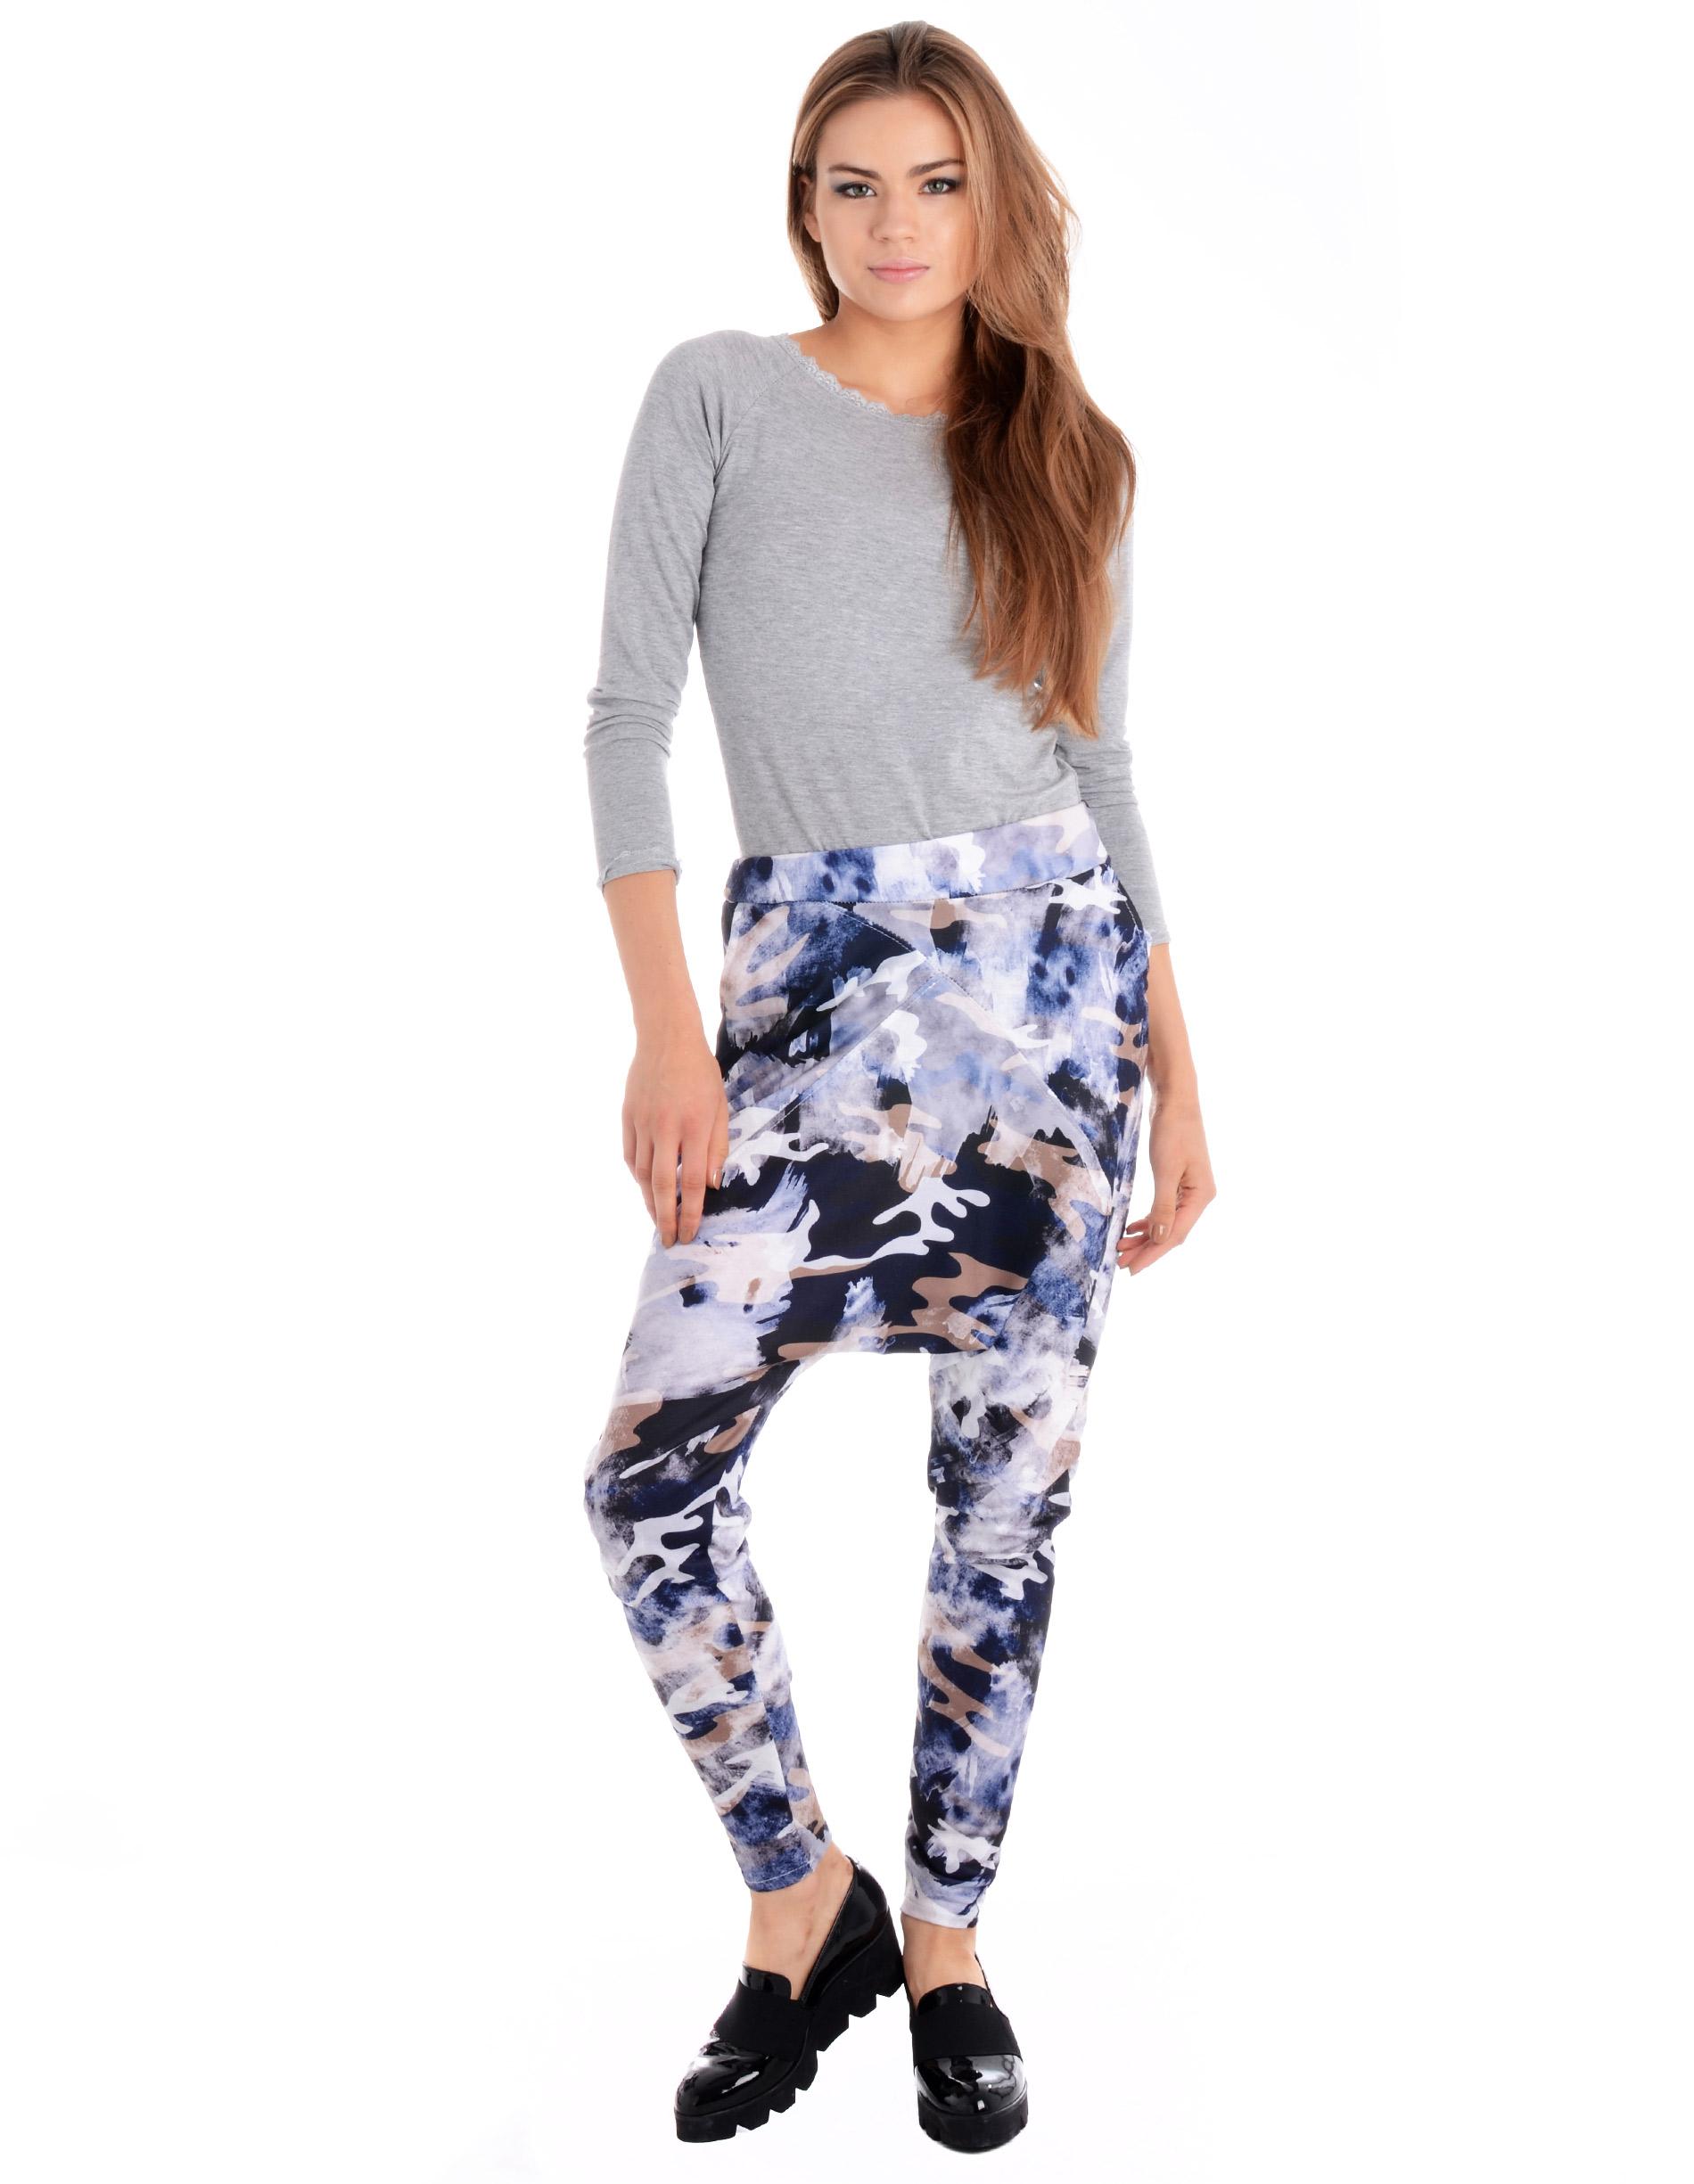 Spodnie - 116-8001 BLSC - Unisono